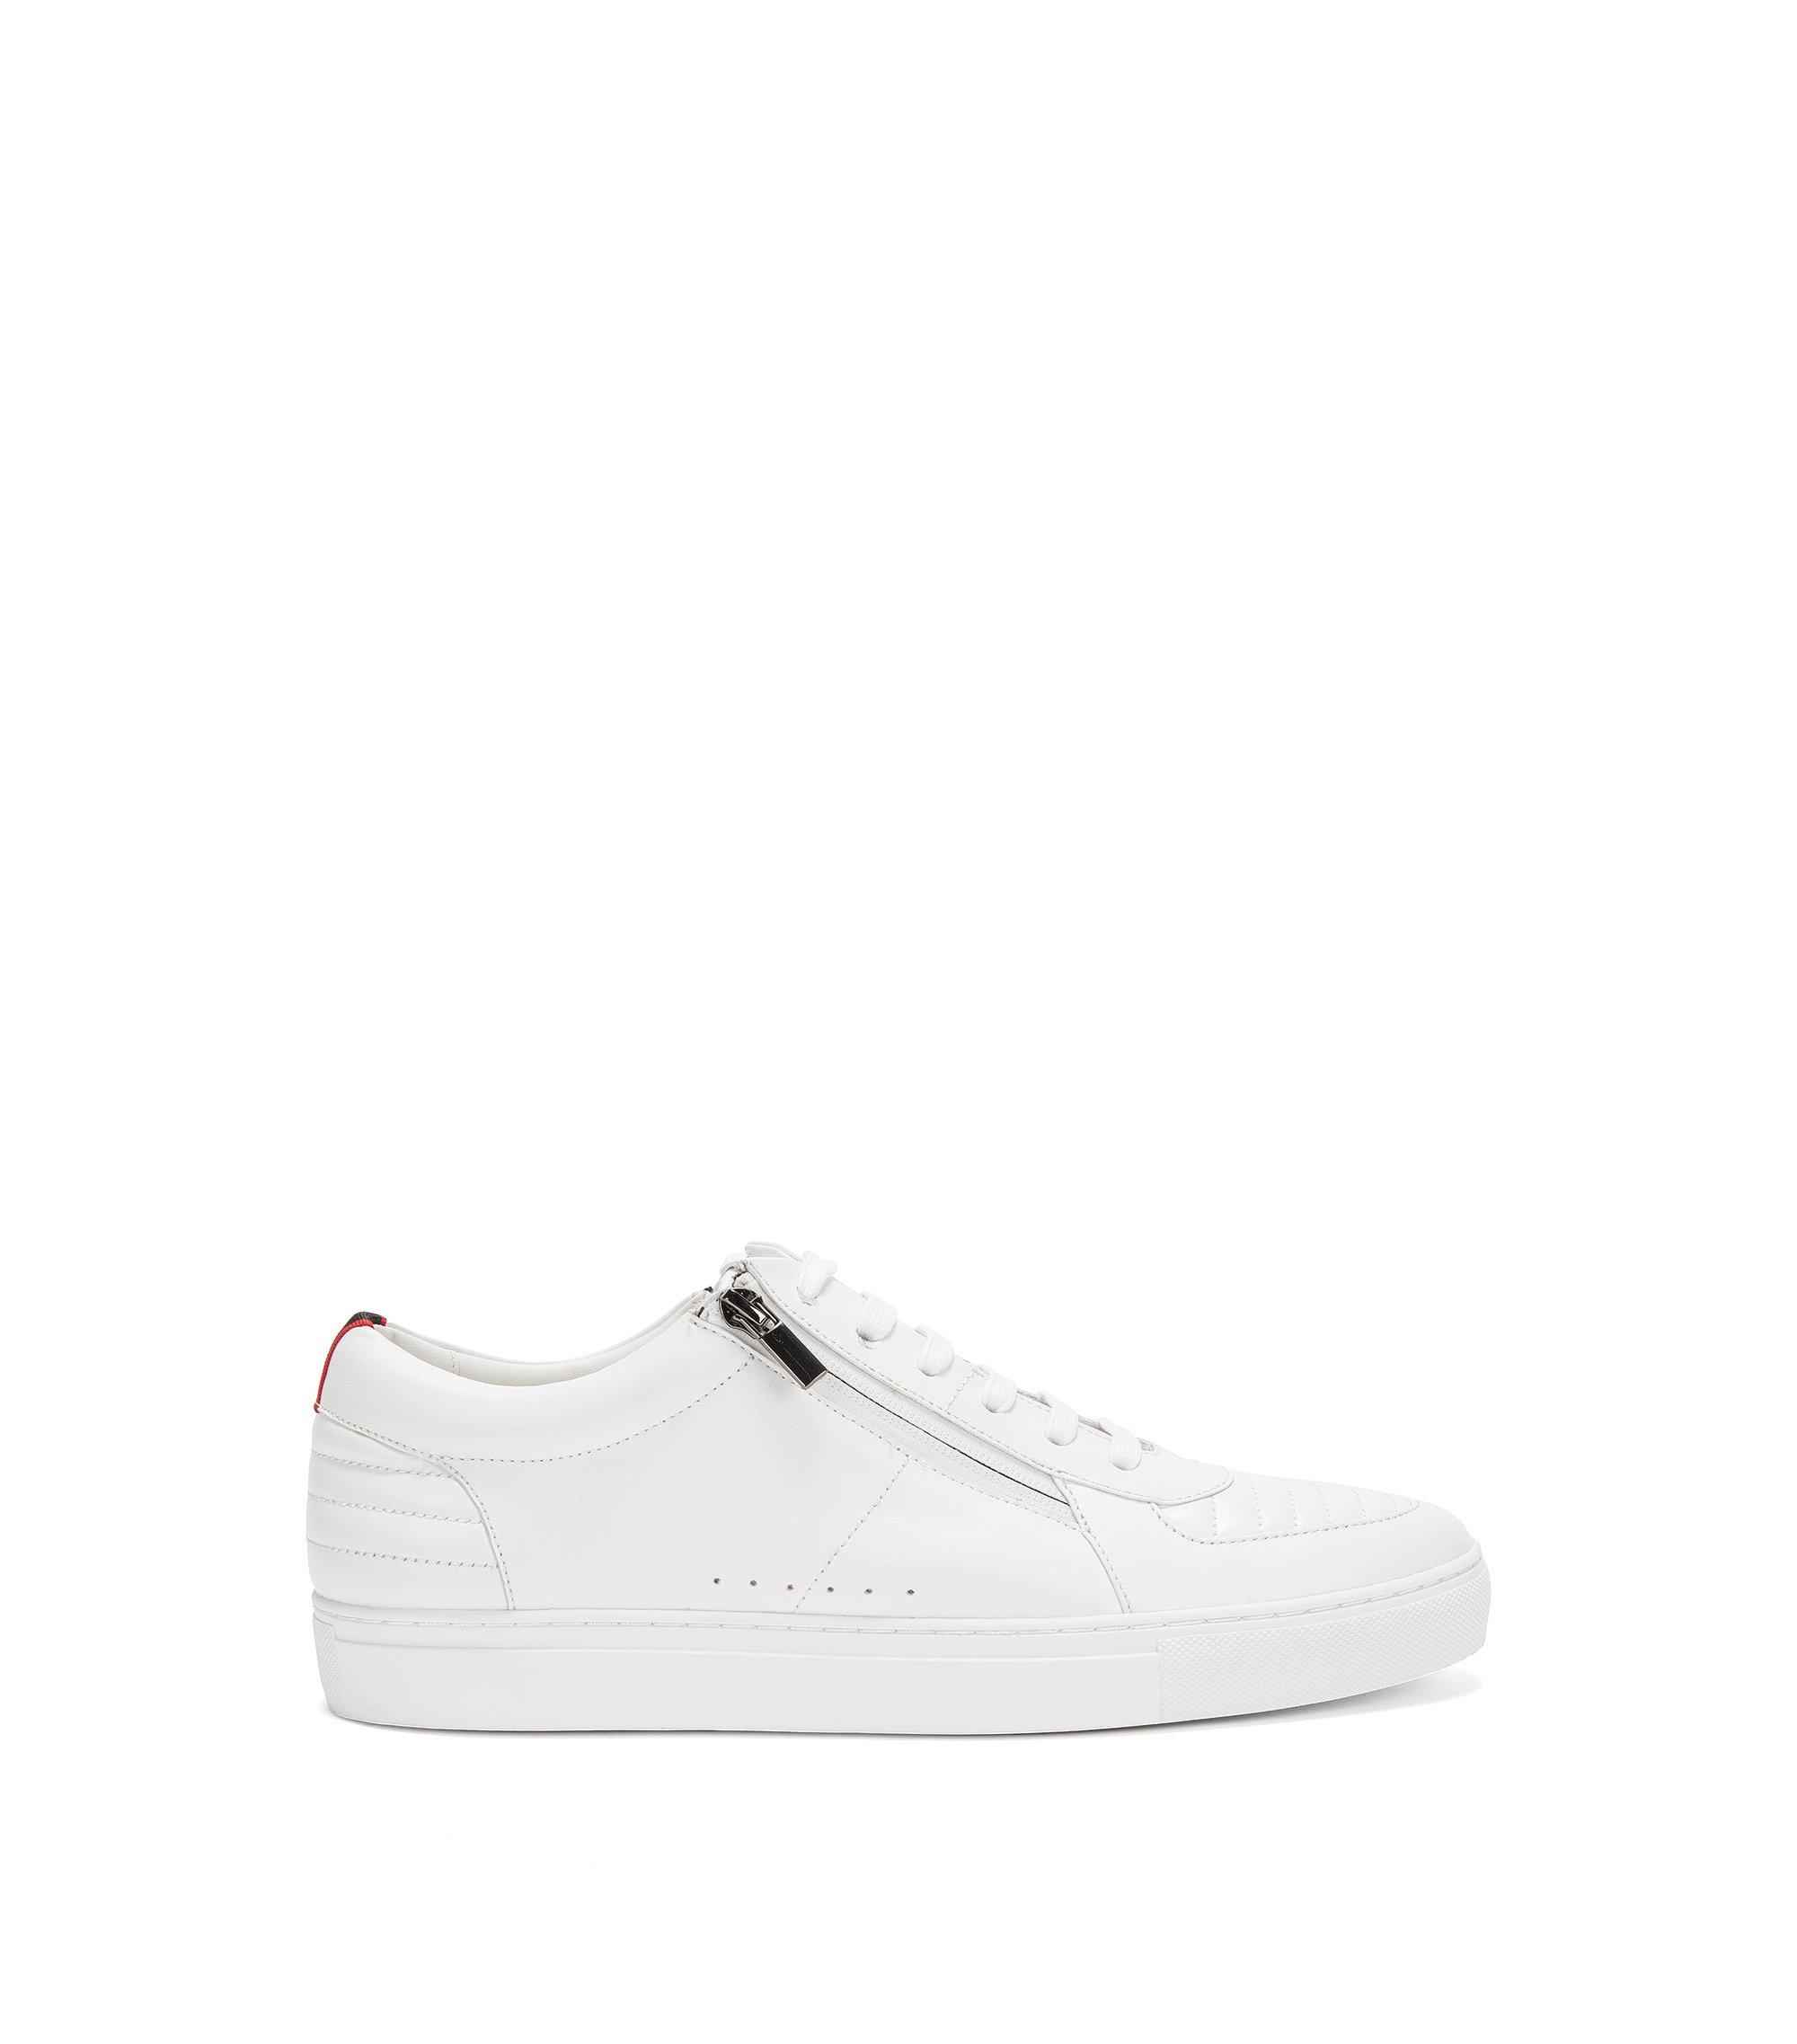 Leather Sneaker  Futurism Tenn Itmtzp, White